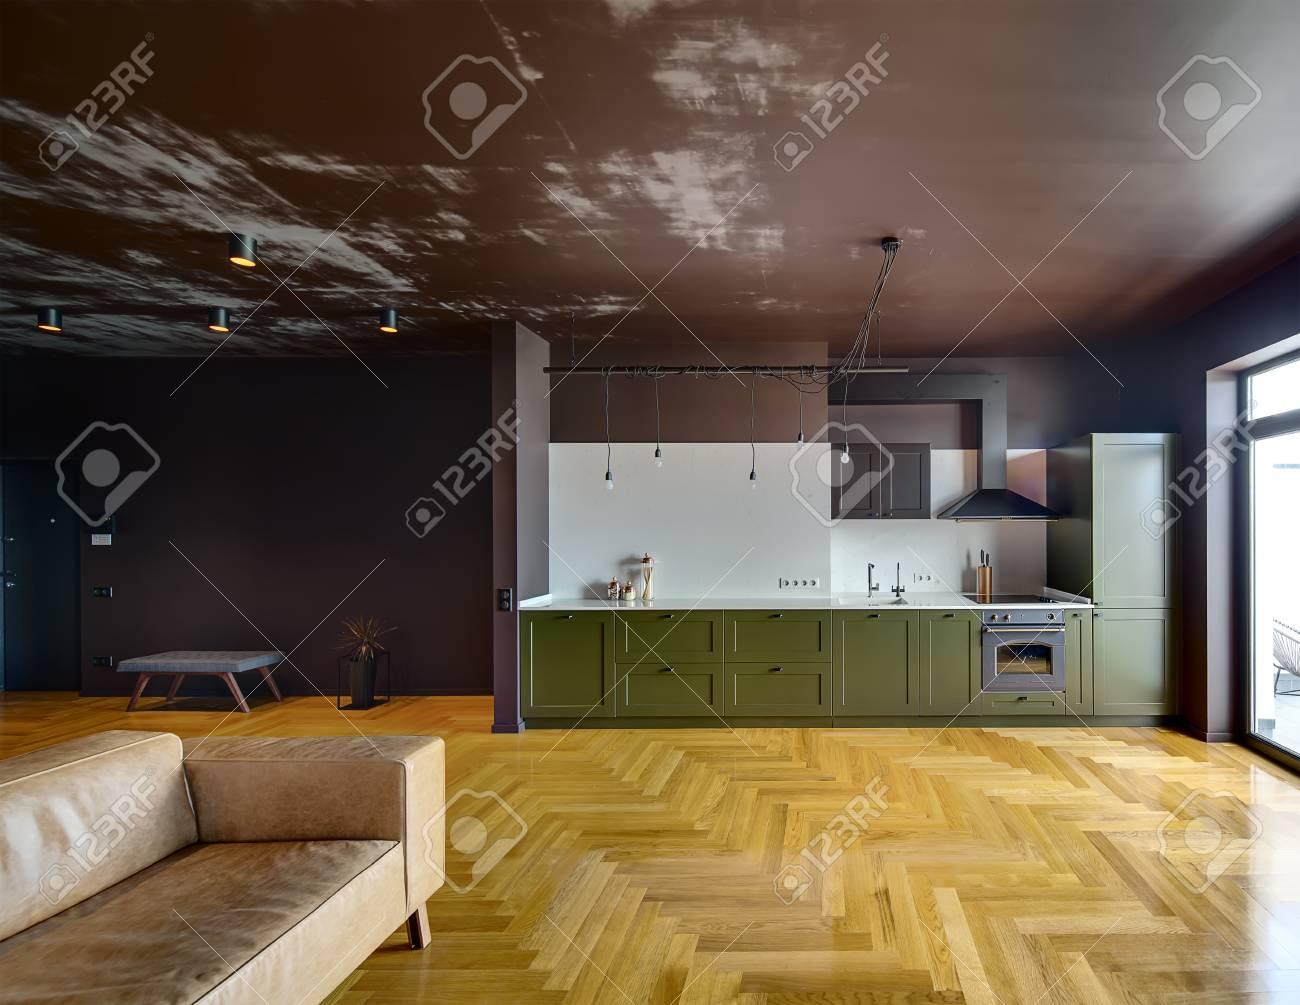 Plante Pour Cuisine Sombre appartement dans un style moderne avec des murs sombres et parquet à  l'étage. il y a une cuisine verte avec équipement de cuisine, canapé  marron,